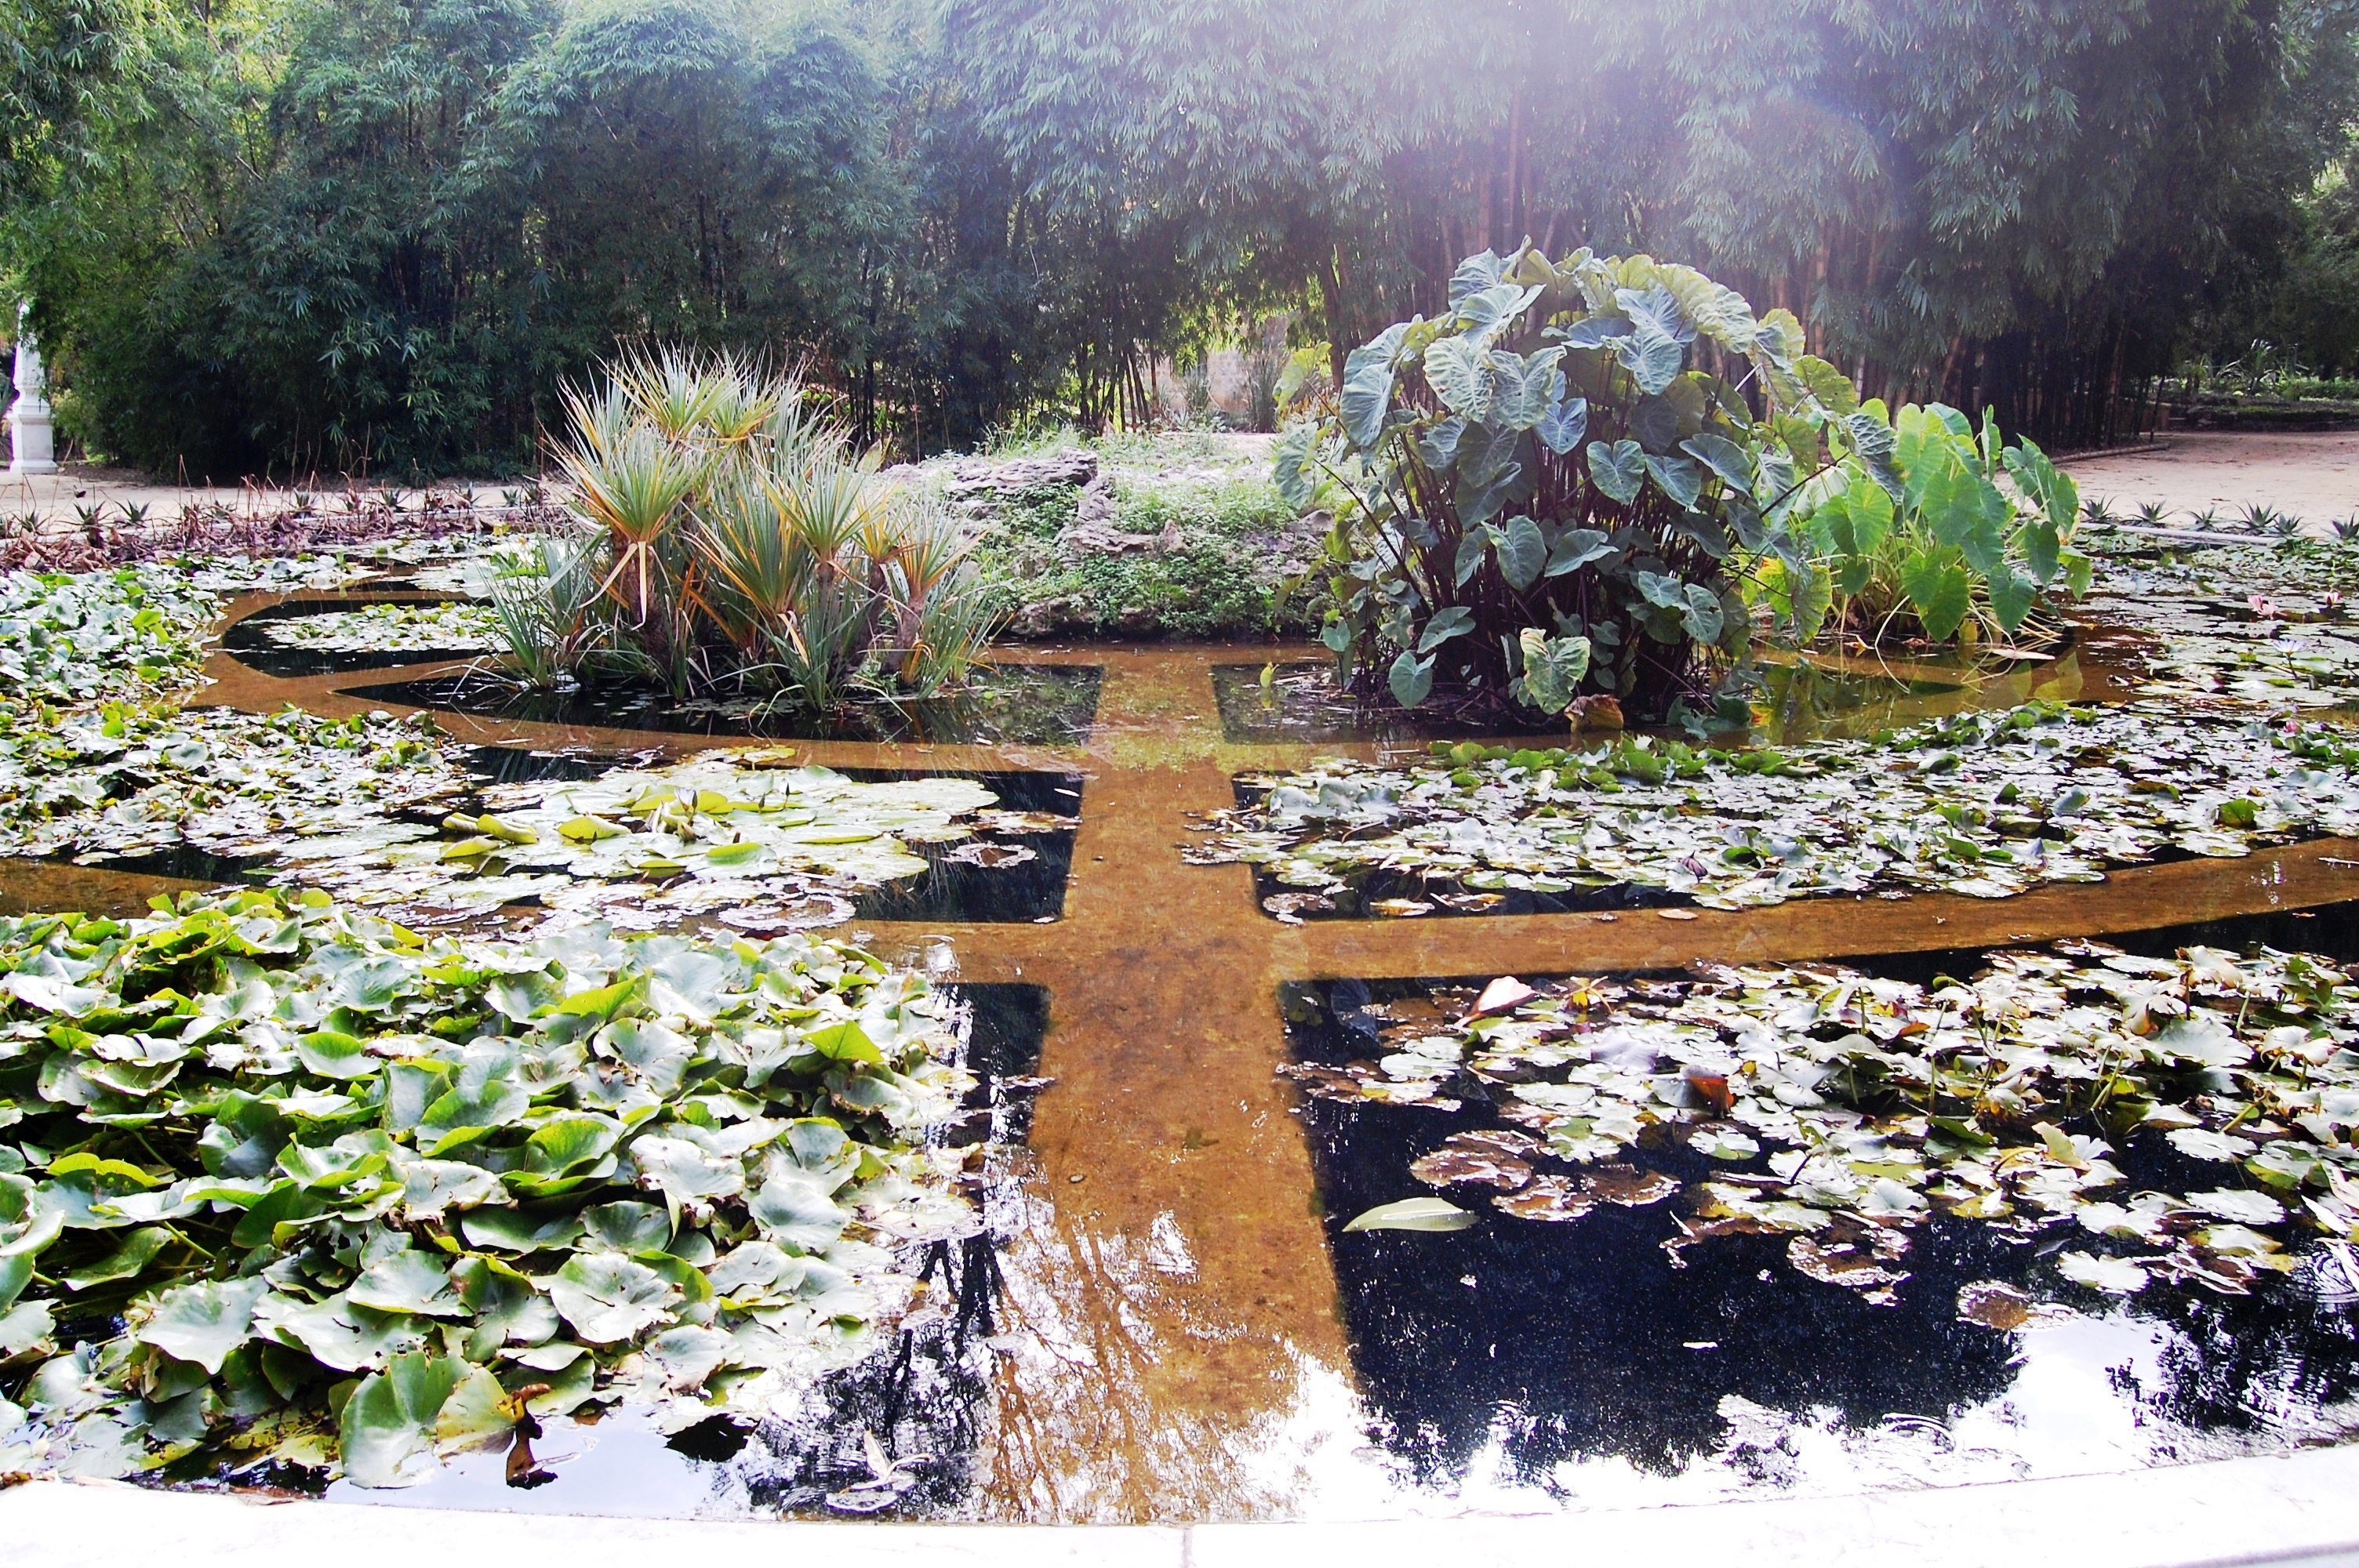 aquarium04-orto-botanico-palermo